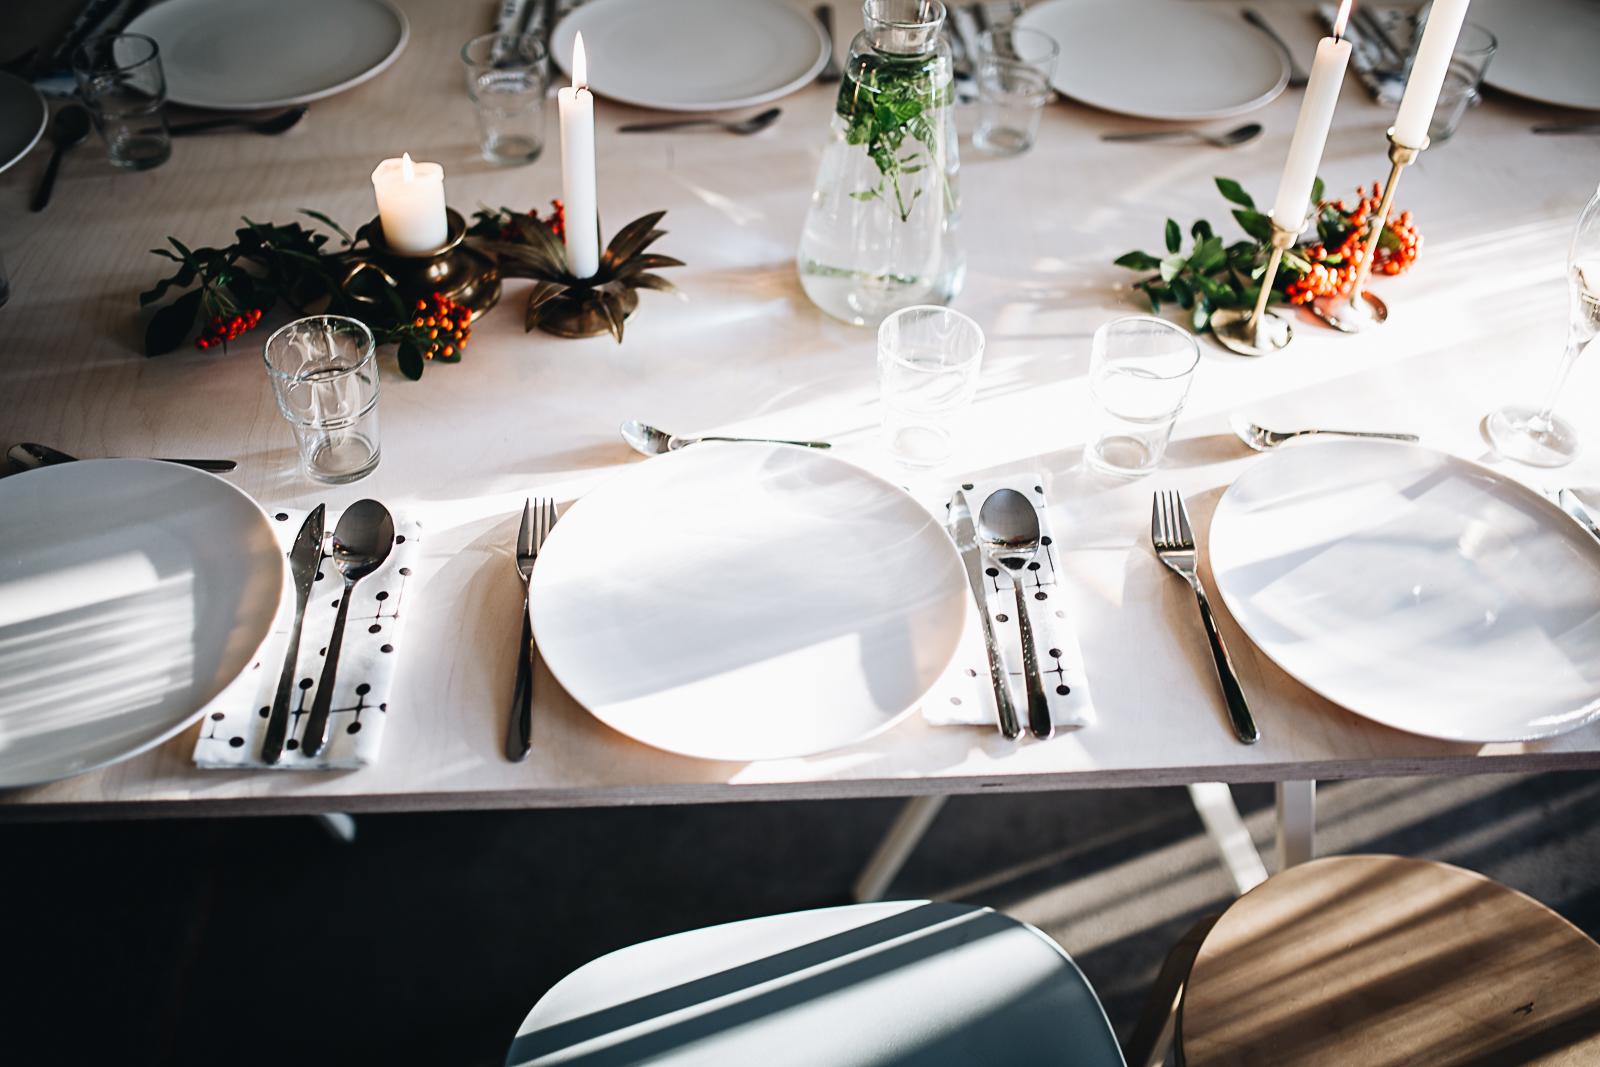 Herzlich willkommen zur exklusiven Dinnerjahreszeit!